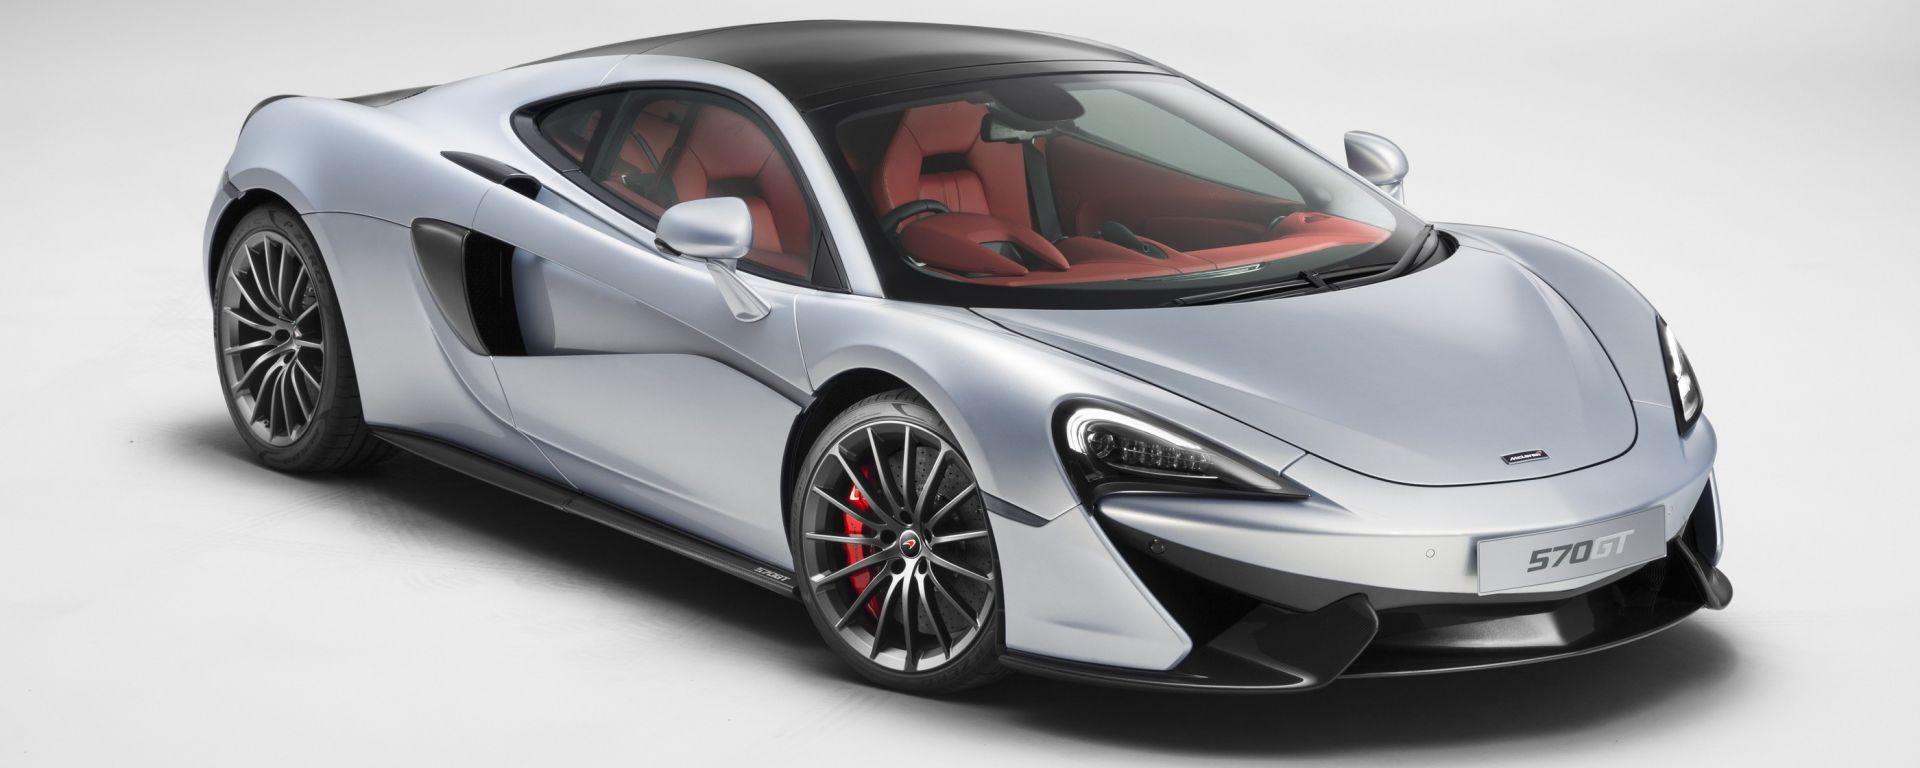 McLaren produrrà solo auto ibride entro il 2025